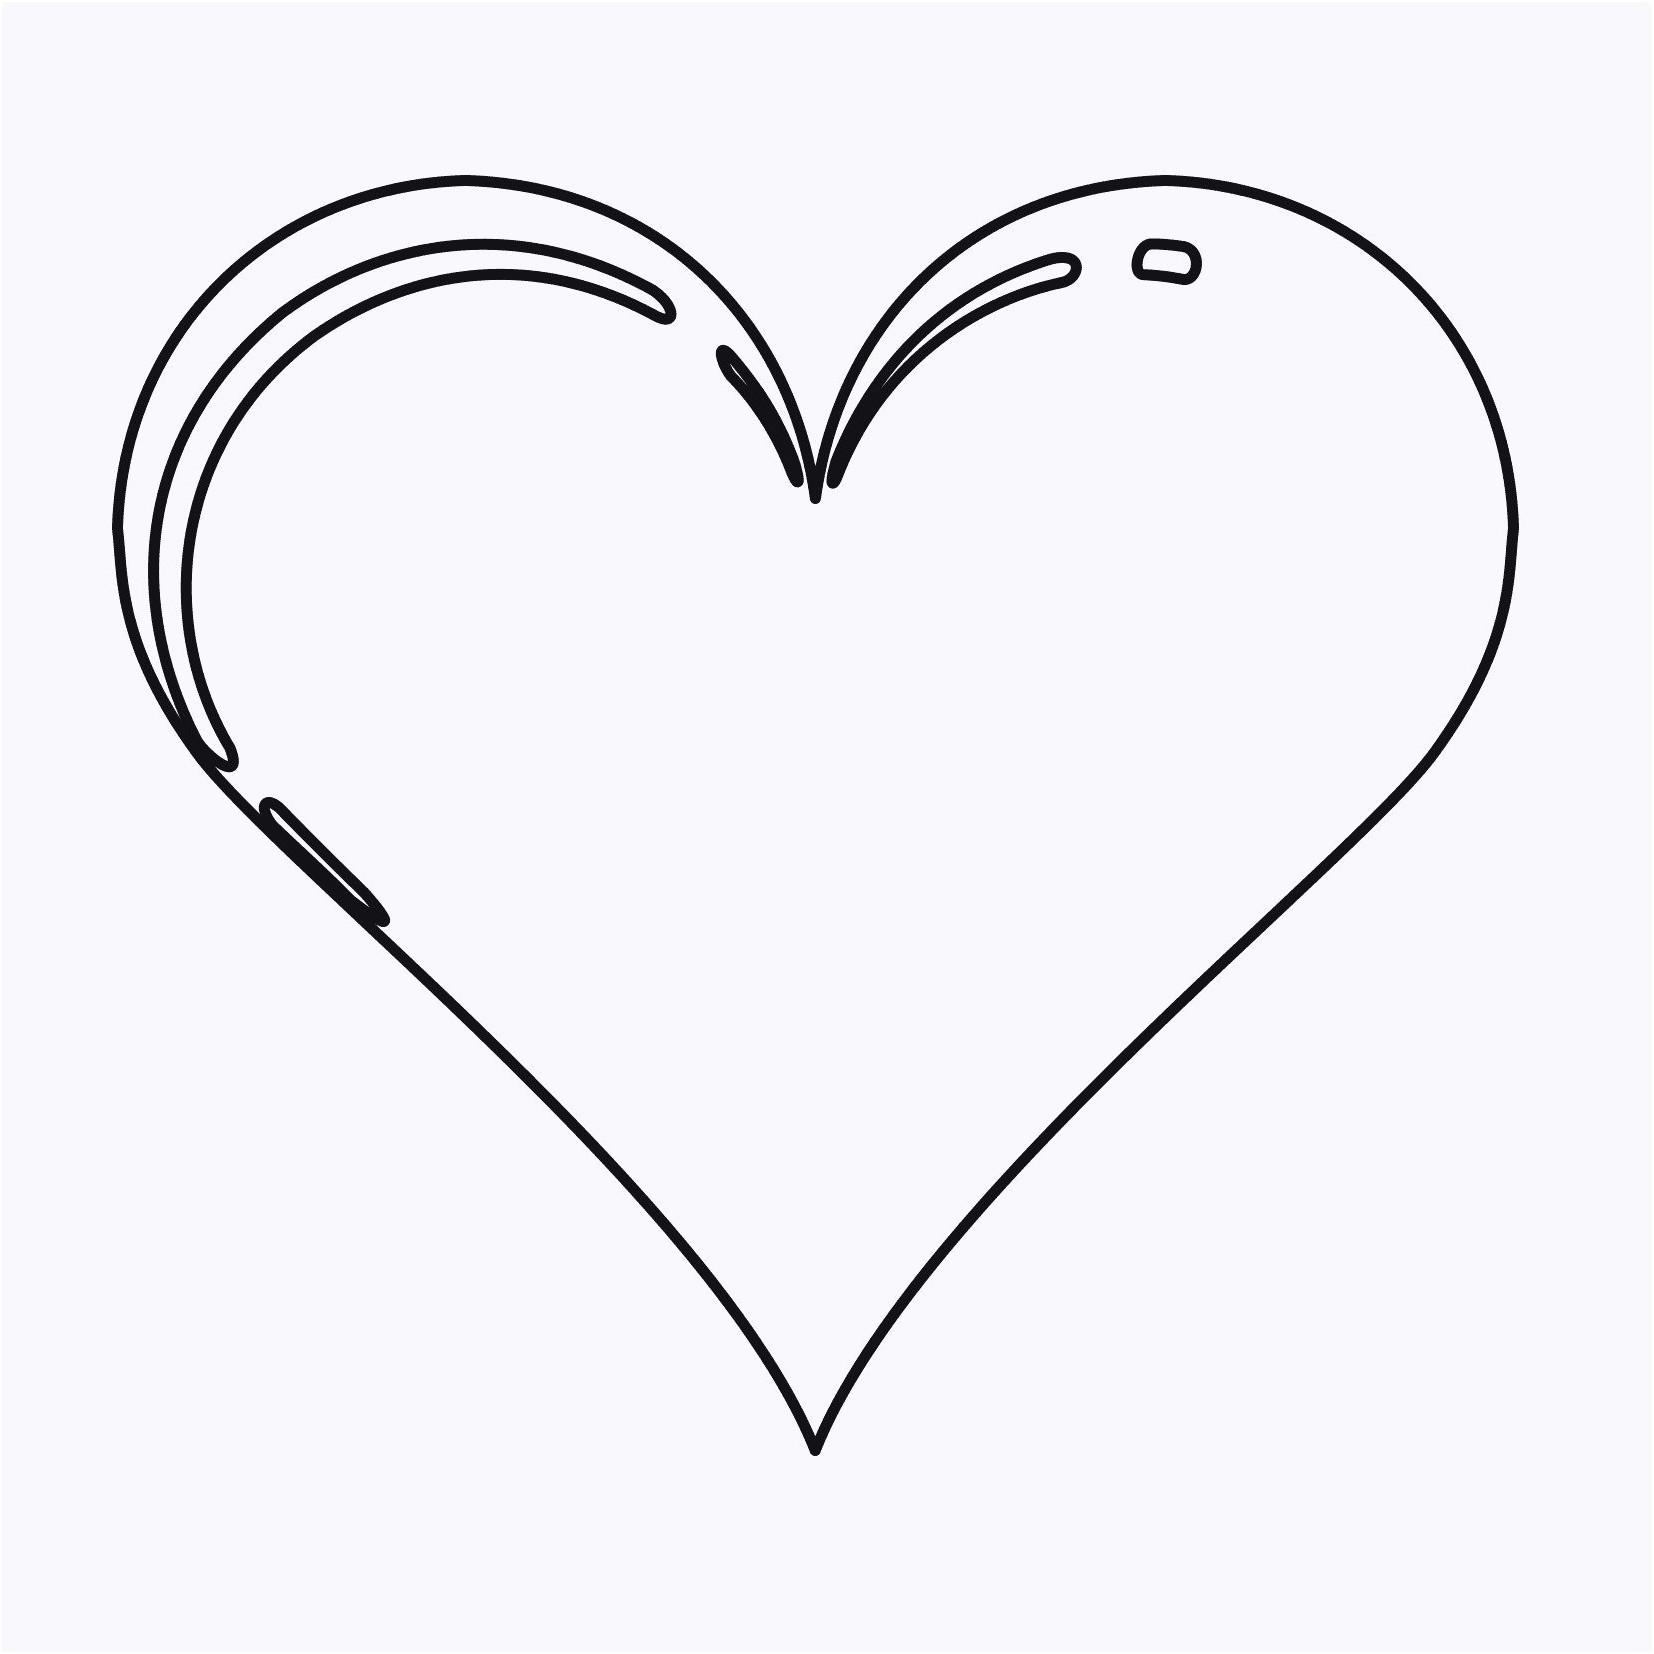 Herzen Zum Ausmalen Inspirierend 35 Luxus Ausmalbilder Herz – Malvorlagen Ideen Fotos